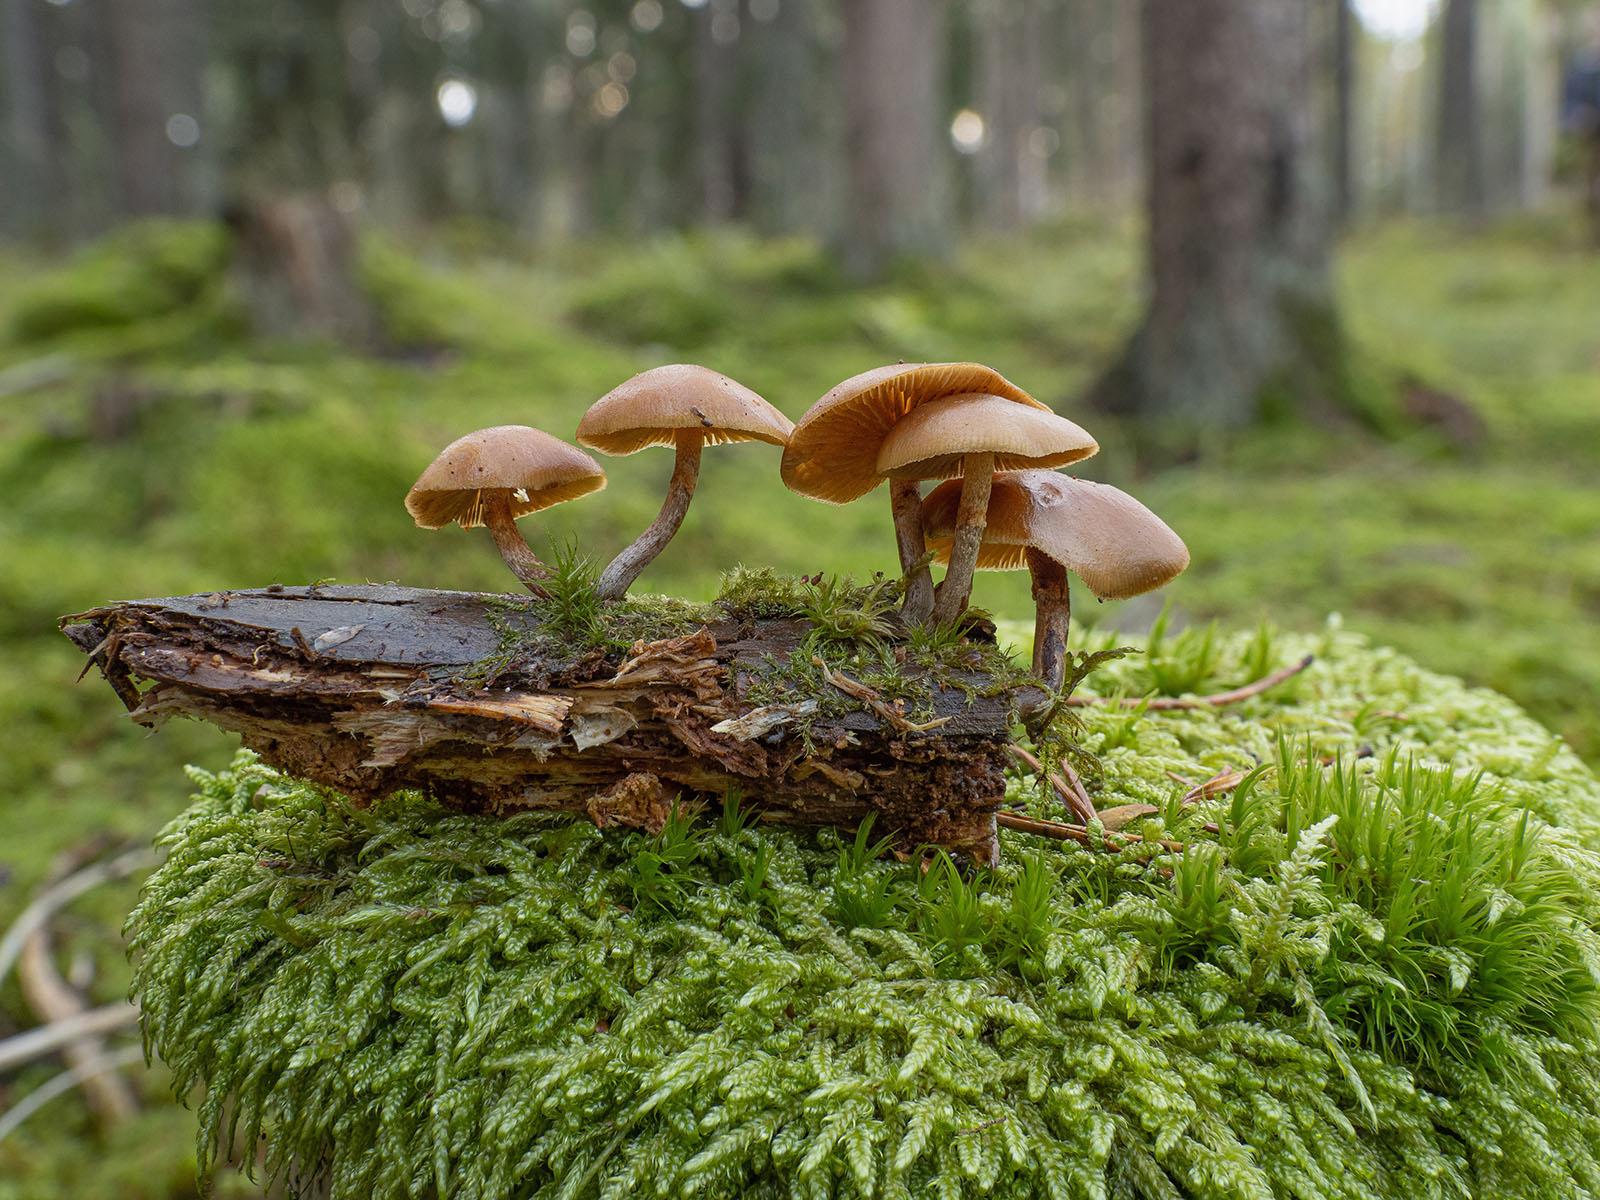 Галерина окаймлённая (Galerina marginata) на трухлявом стволе ели в хвойном лесу, Стокгольм, октябрь 2020 года. Автор фото: Сутормина Марина